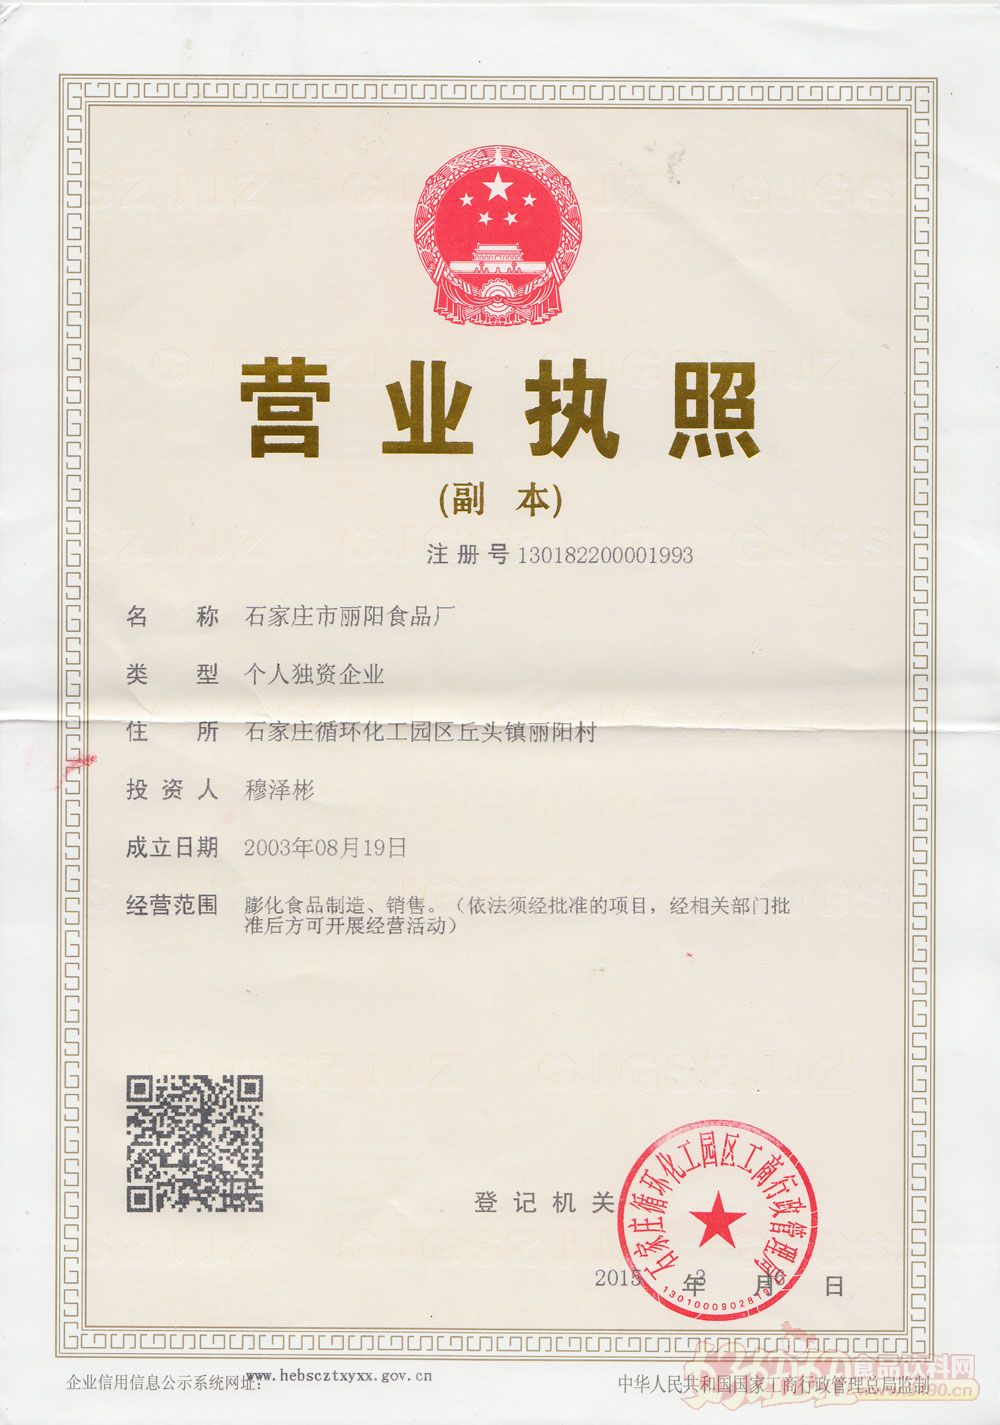 小明同学品牌运营中心营业执照